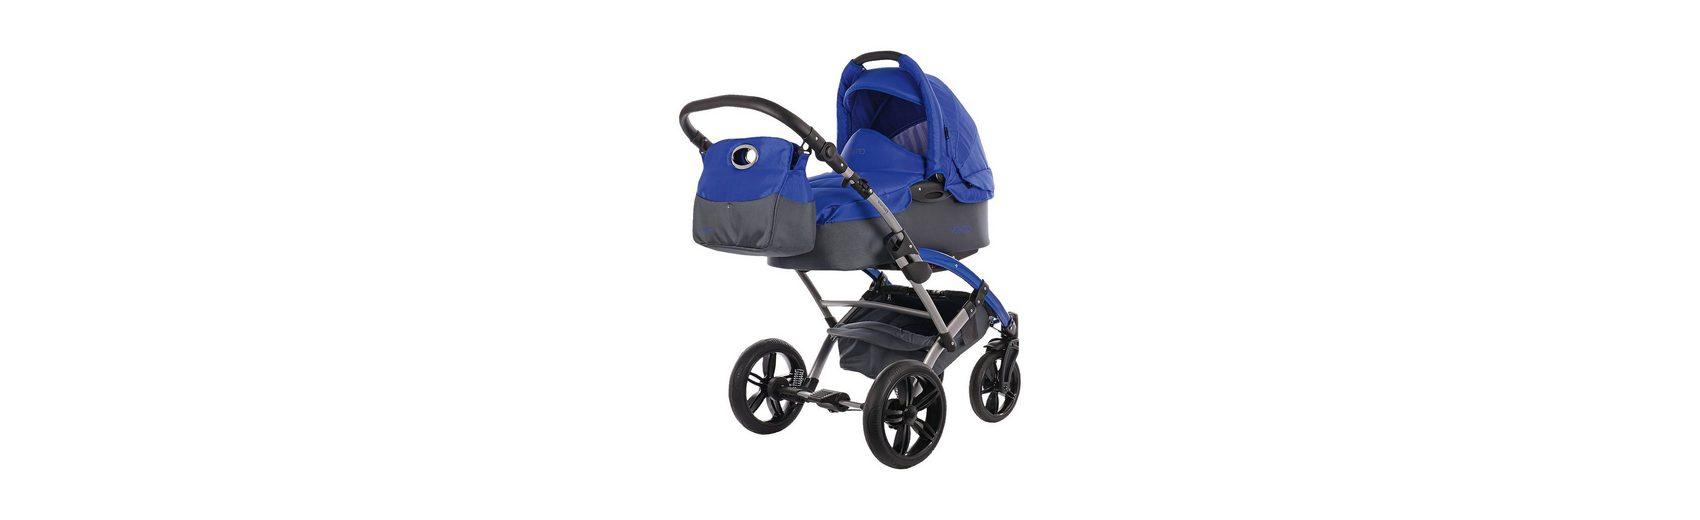 knorr-baby Kombi Kinderwagen Voletto Sport mit Wickeltasche, grau-blau